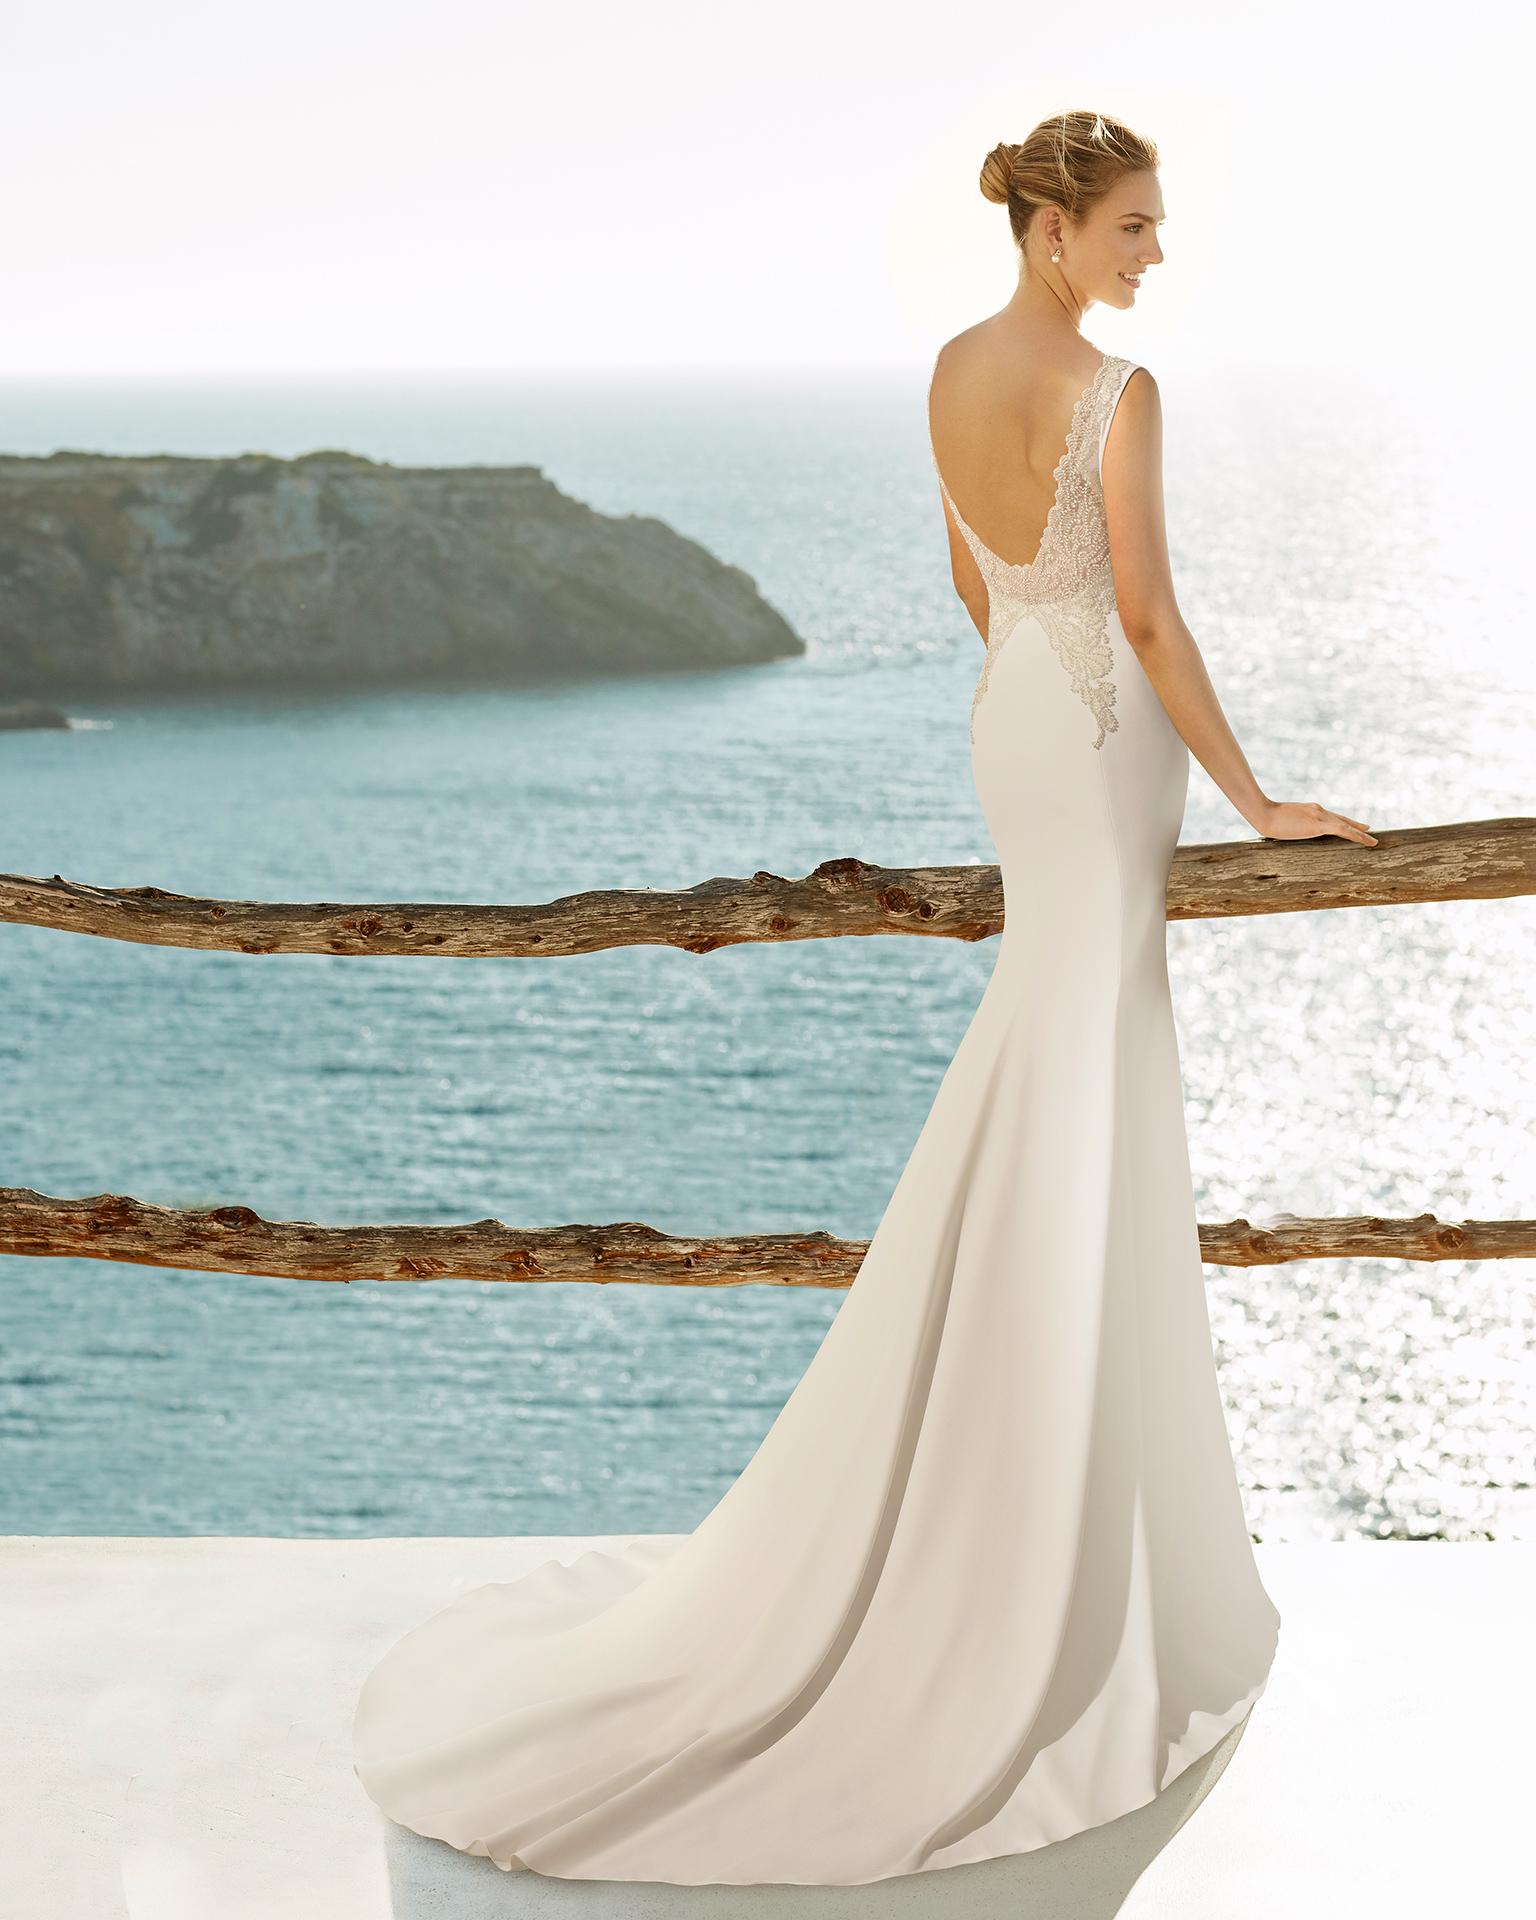 Robe de mariée style sirène en crêpe et décolleté dans le dos, avec motifs de pierreries.